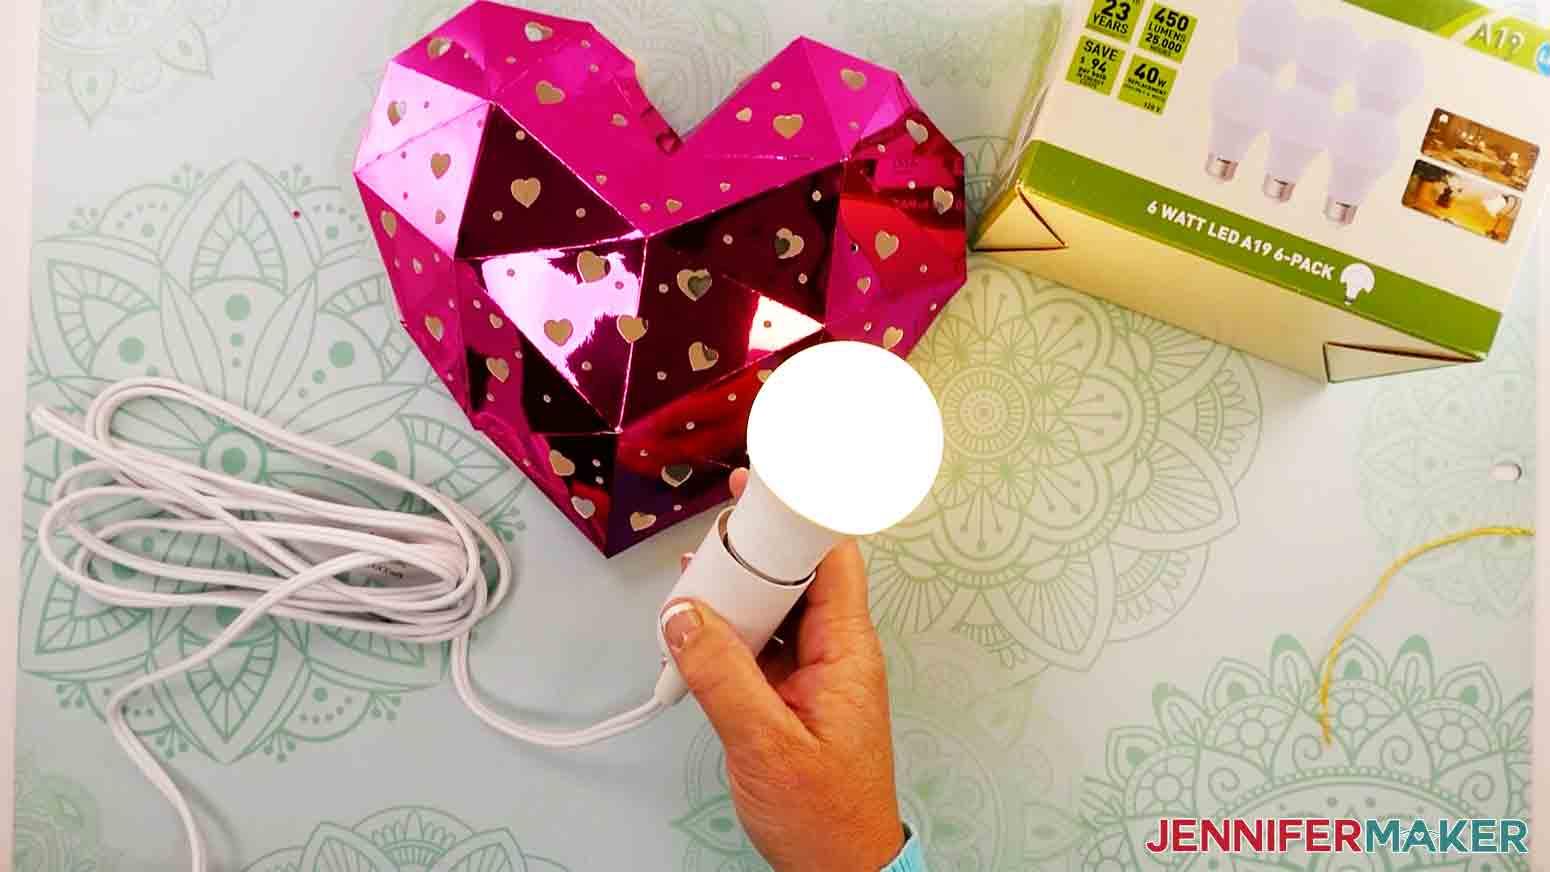 test the light bulb for the heart lantern